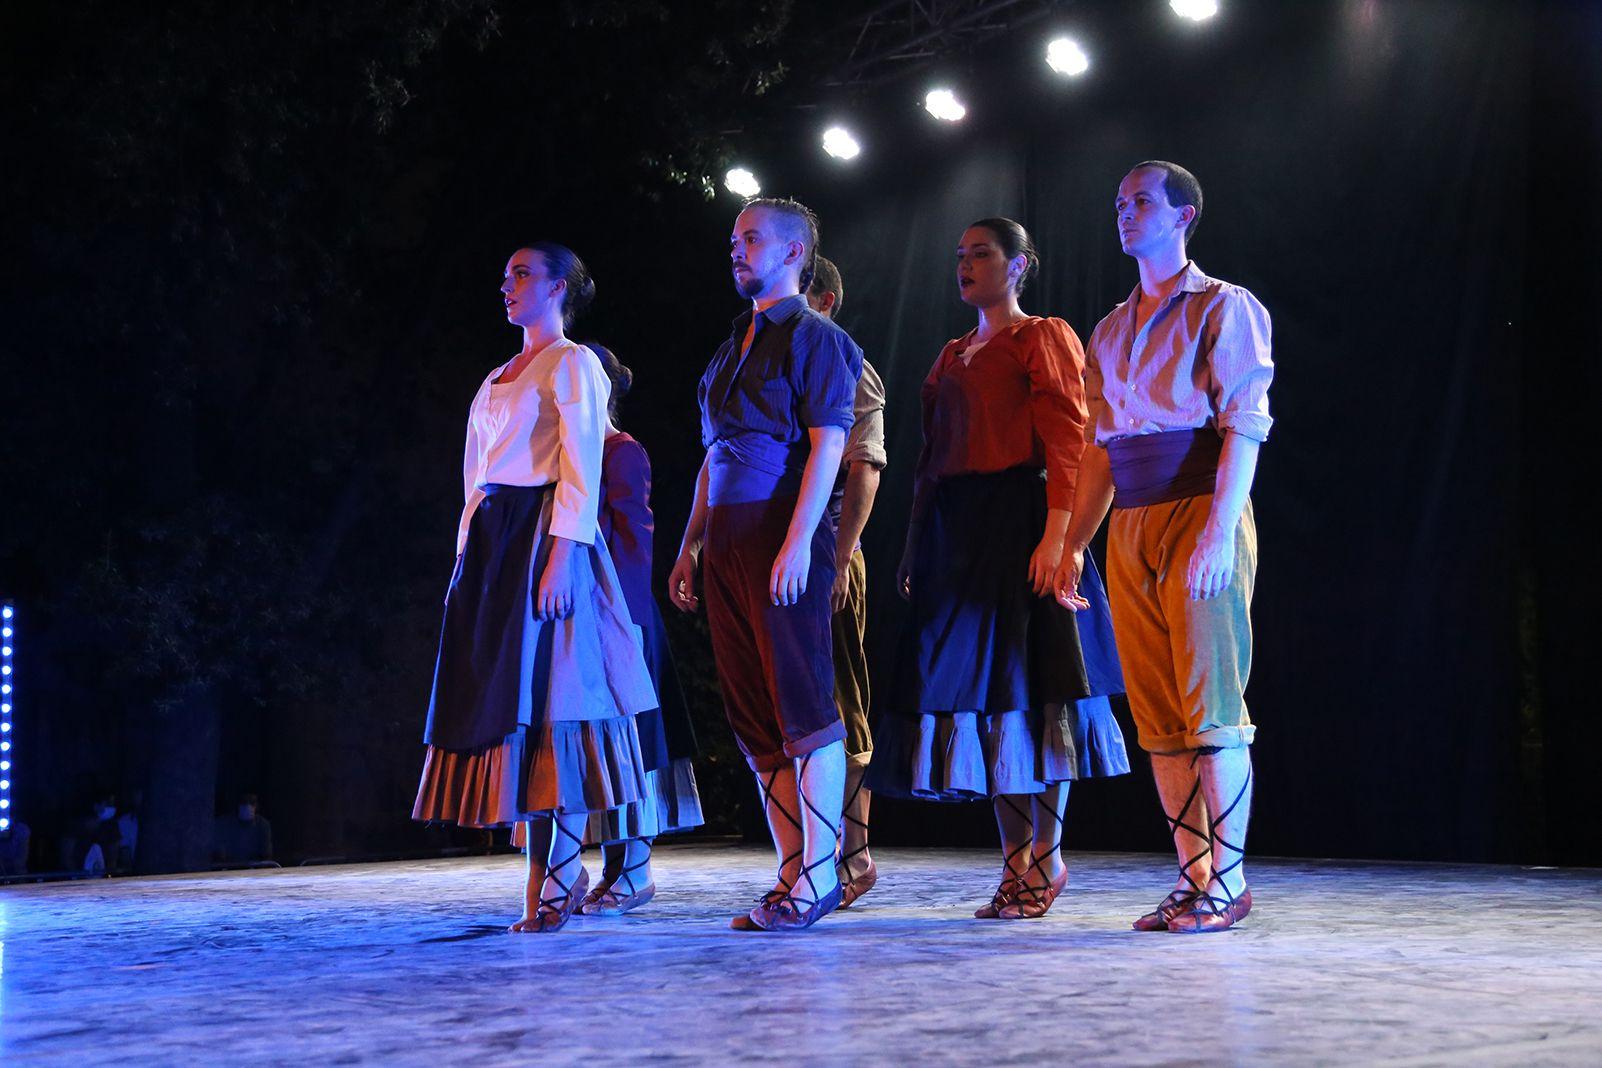 """Espectacle """"Temps de dansa"""" del Grup Mediterrània. Foto: Anna Bassa"""